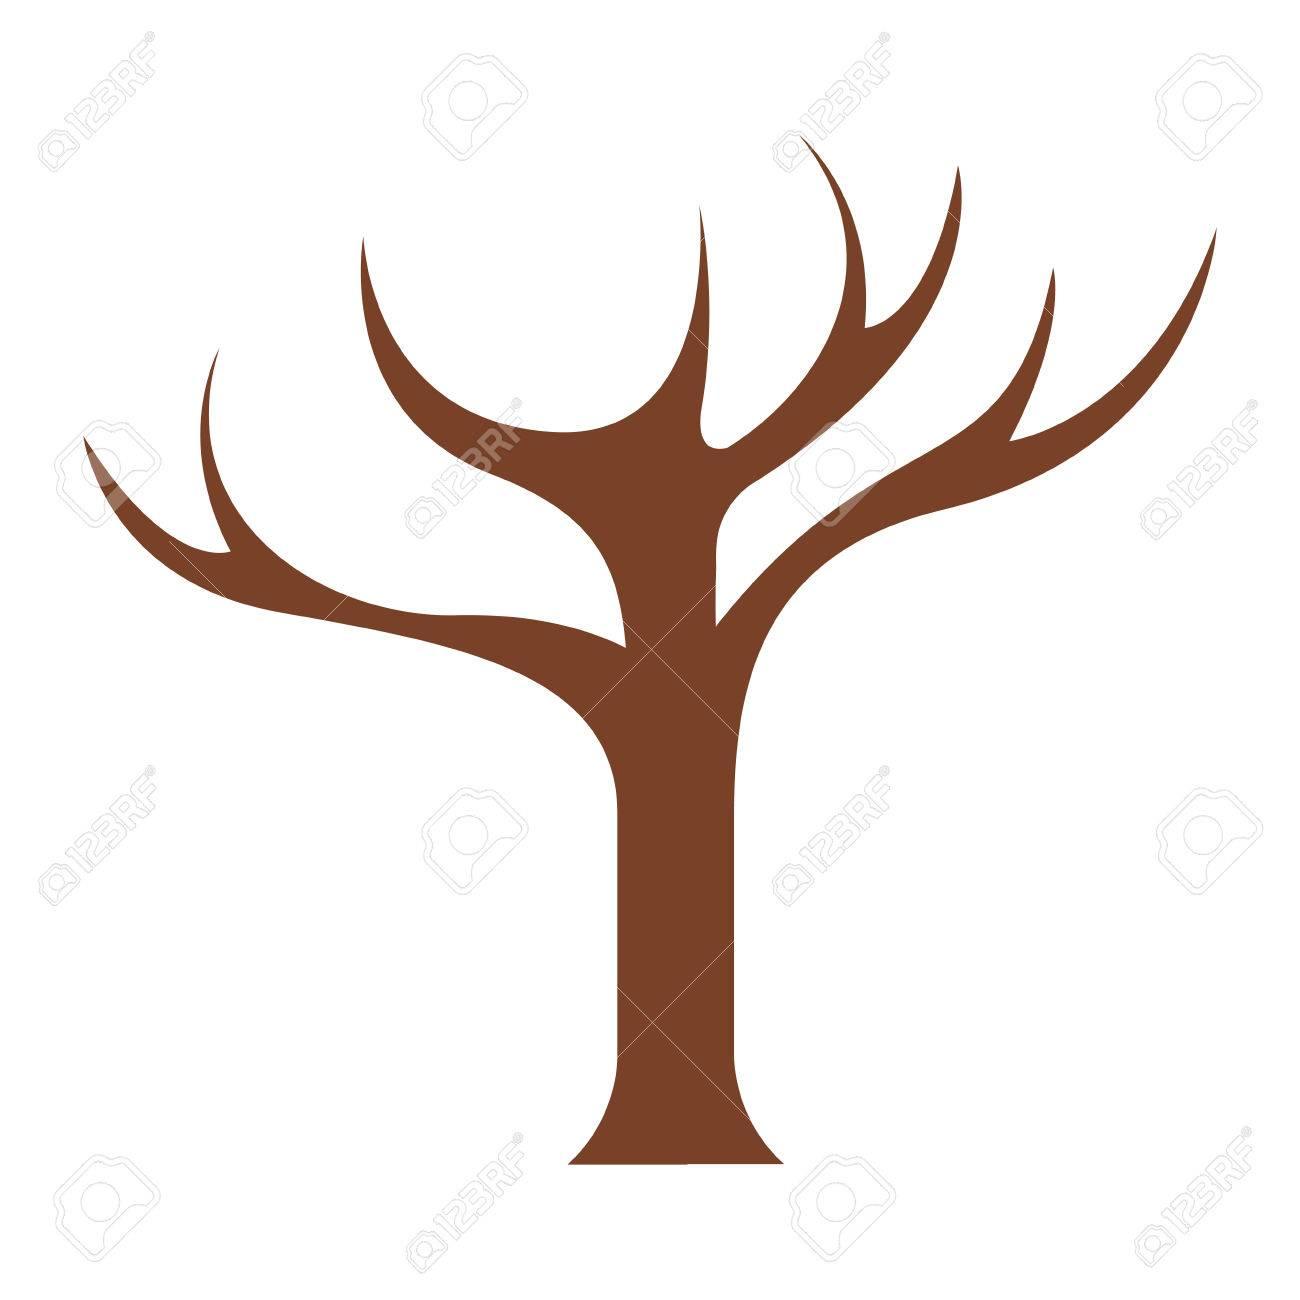 tronco de árbol con ramas sin hojas ilustración vectorial primer